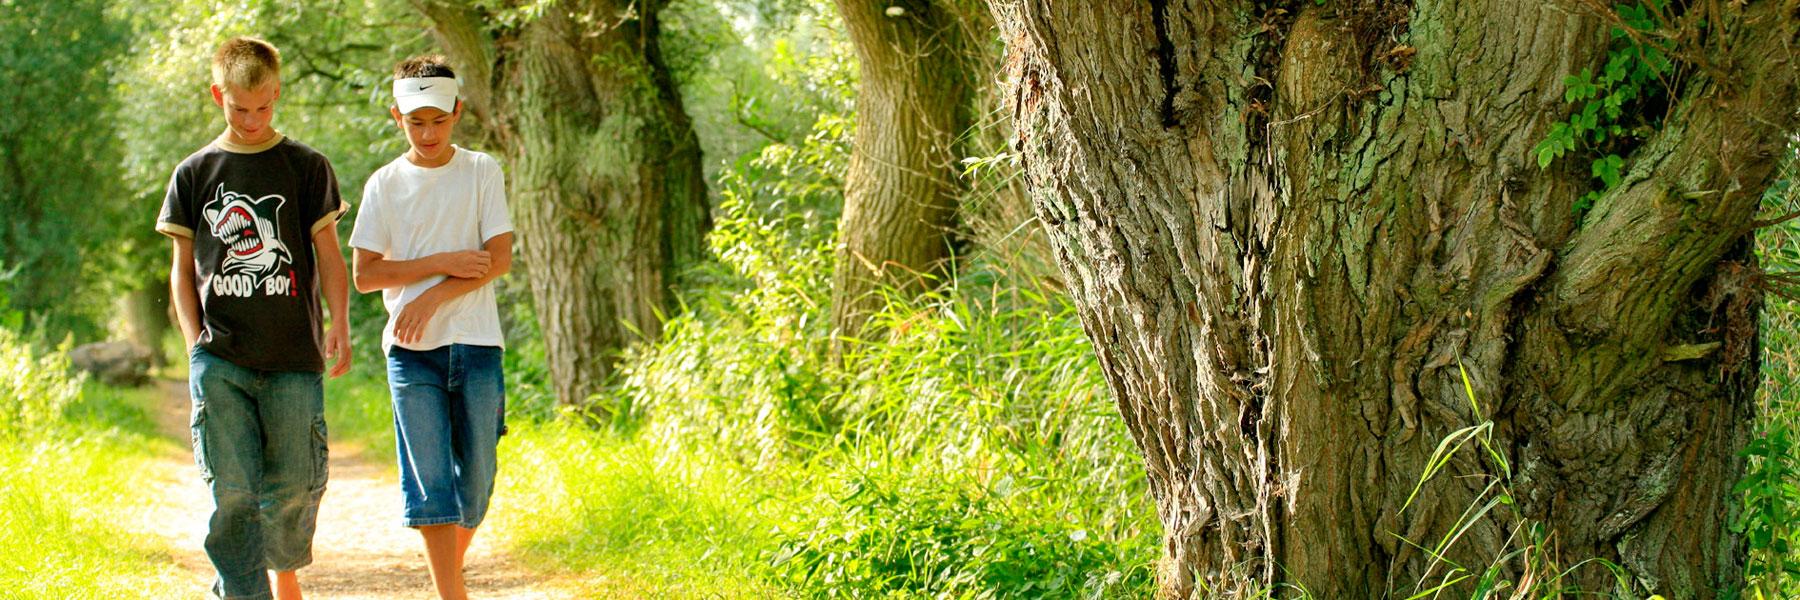 Waldweg - Jugendherberge Teterow